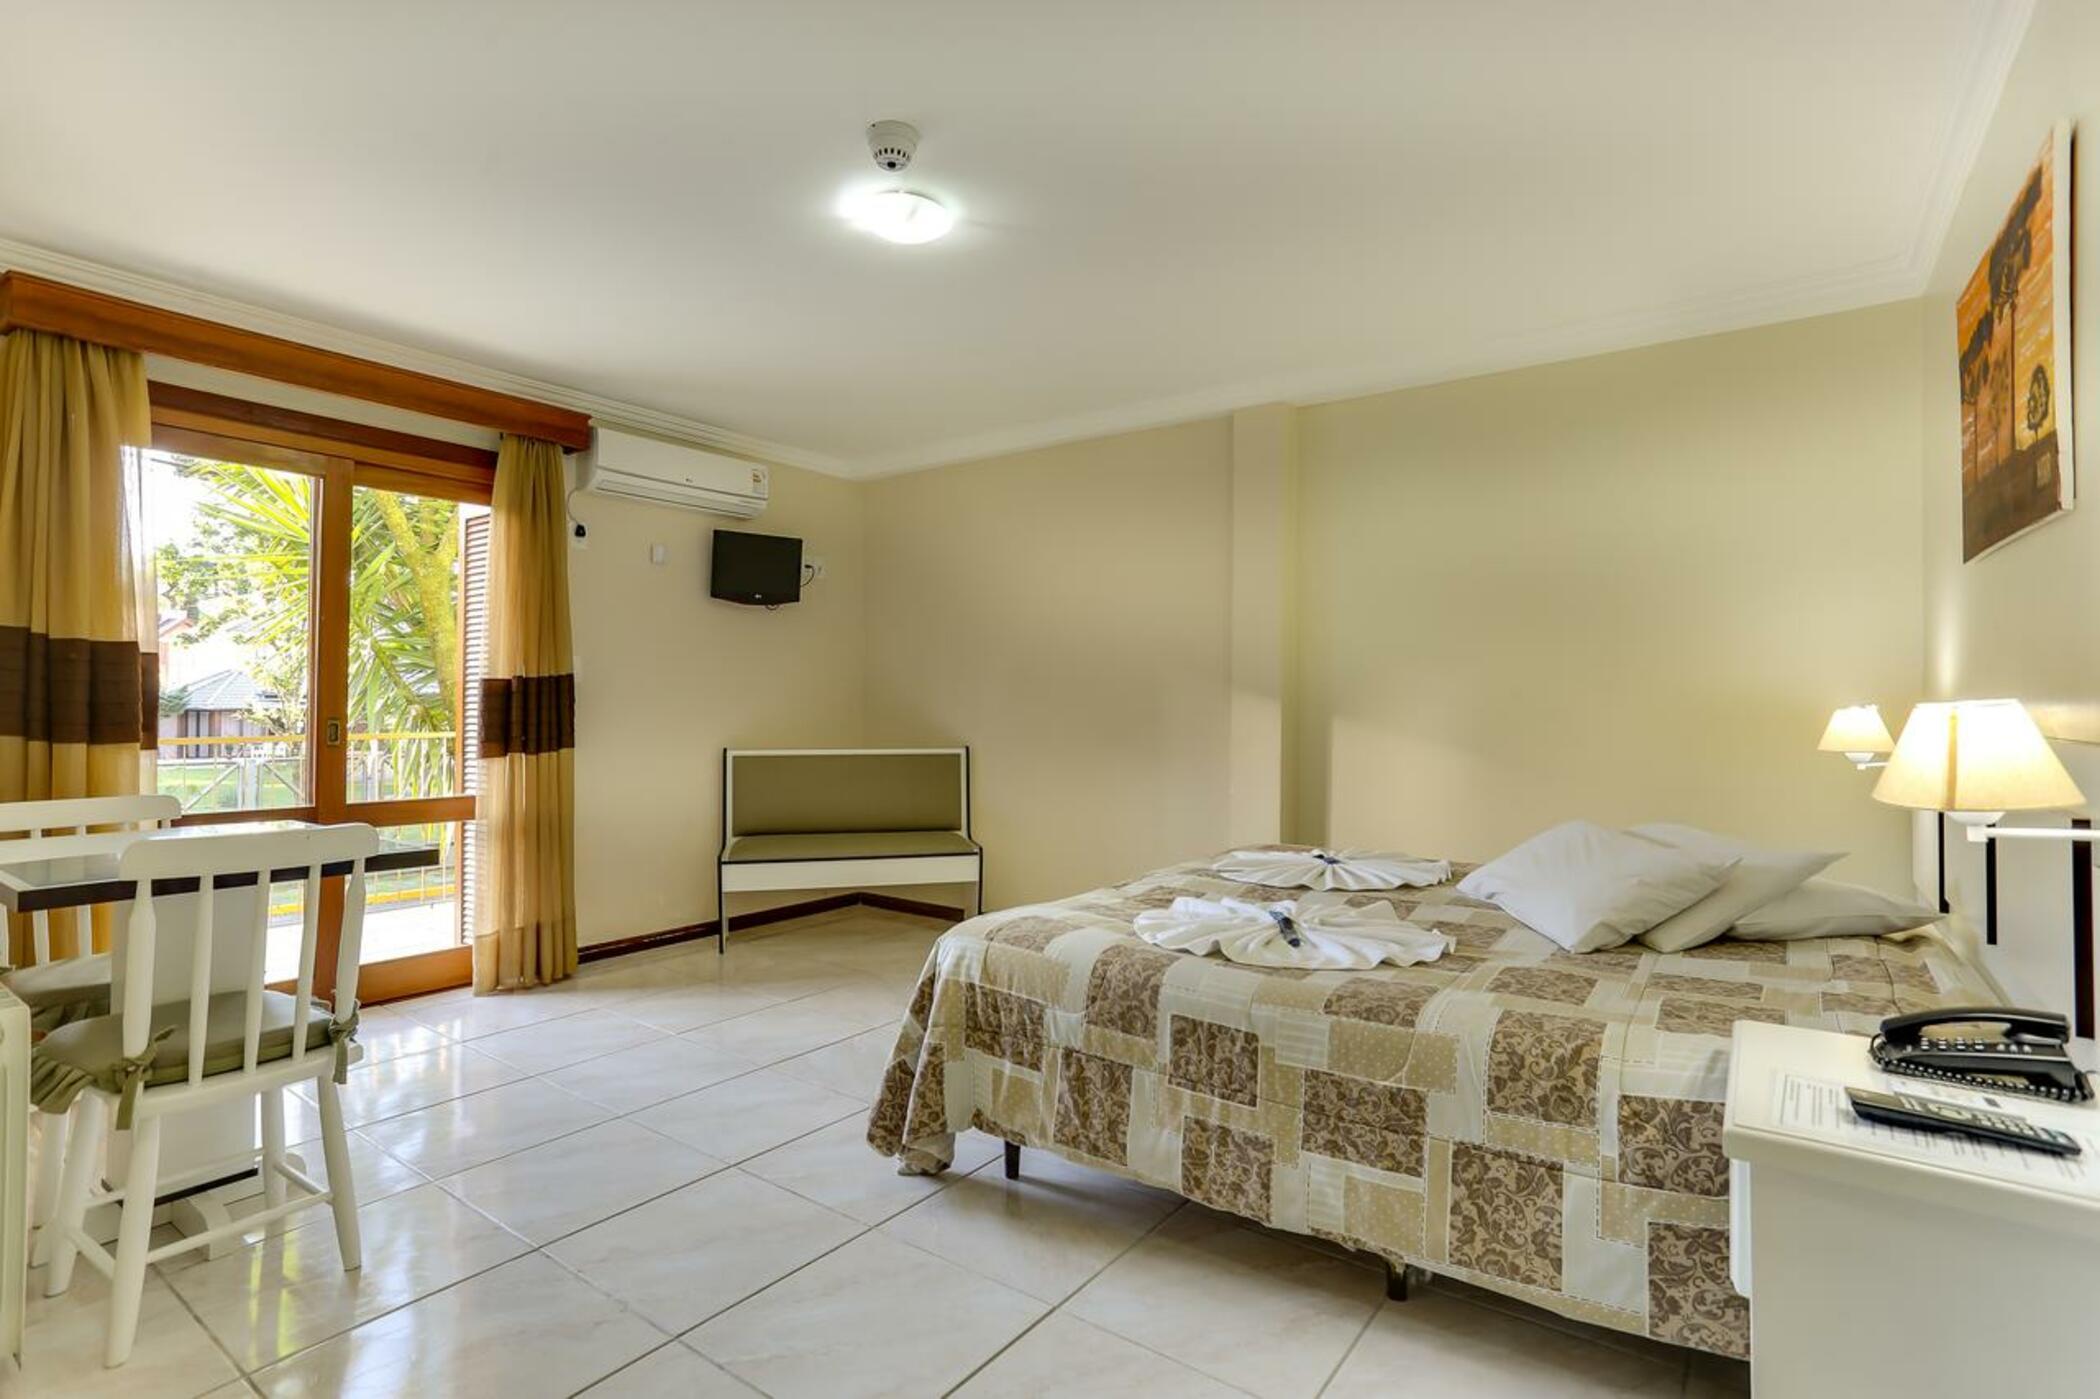 Zermatt Hotel, Gramado